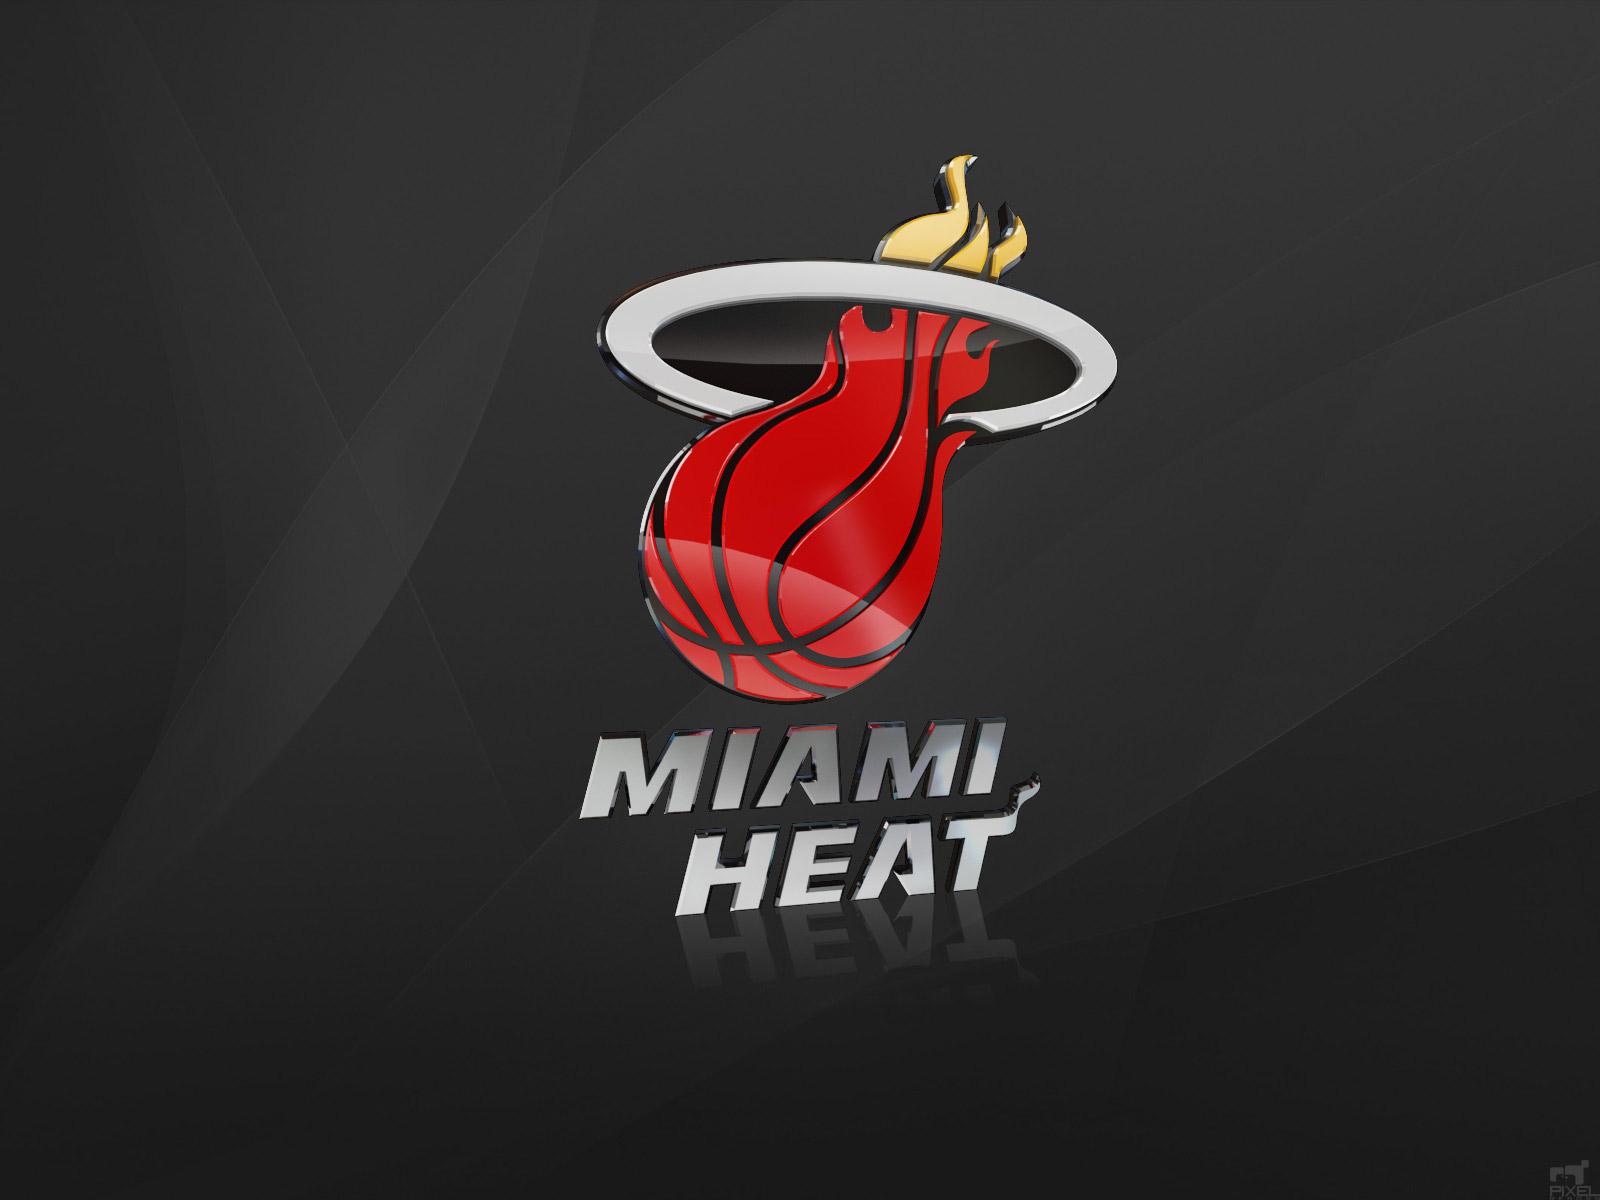 http://4.bp.blogspot.com/-hPm7XL47XEA/UUe-A3HmjDI/AAAAAAAAAU0/RDPORnboSR8/s1600/miami_heat_logo_wallpaper.jpg